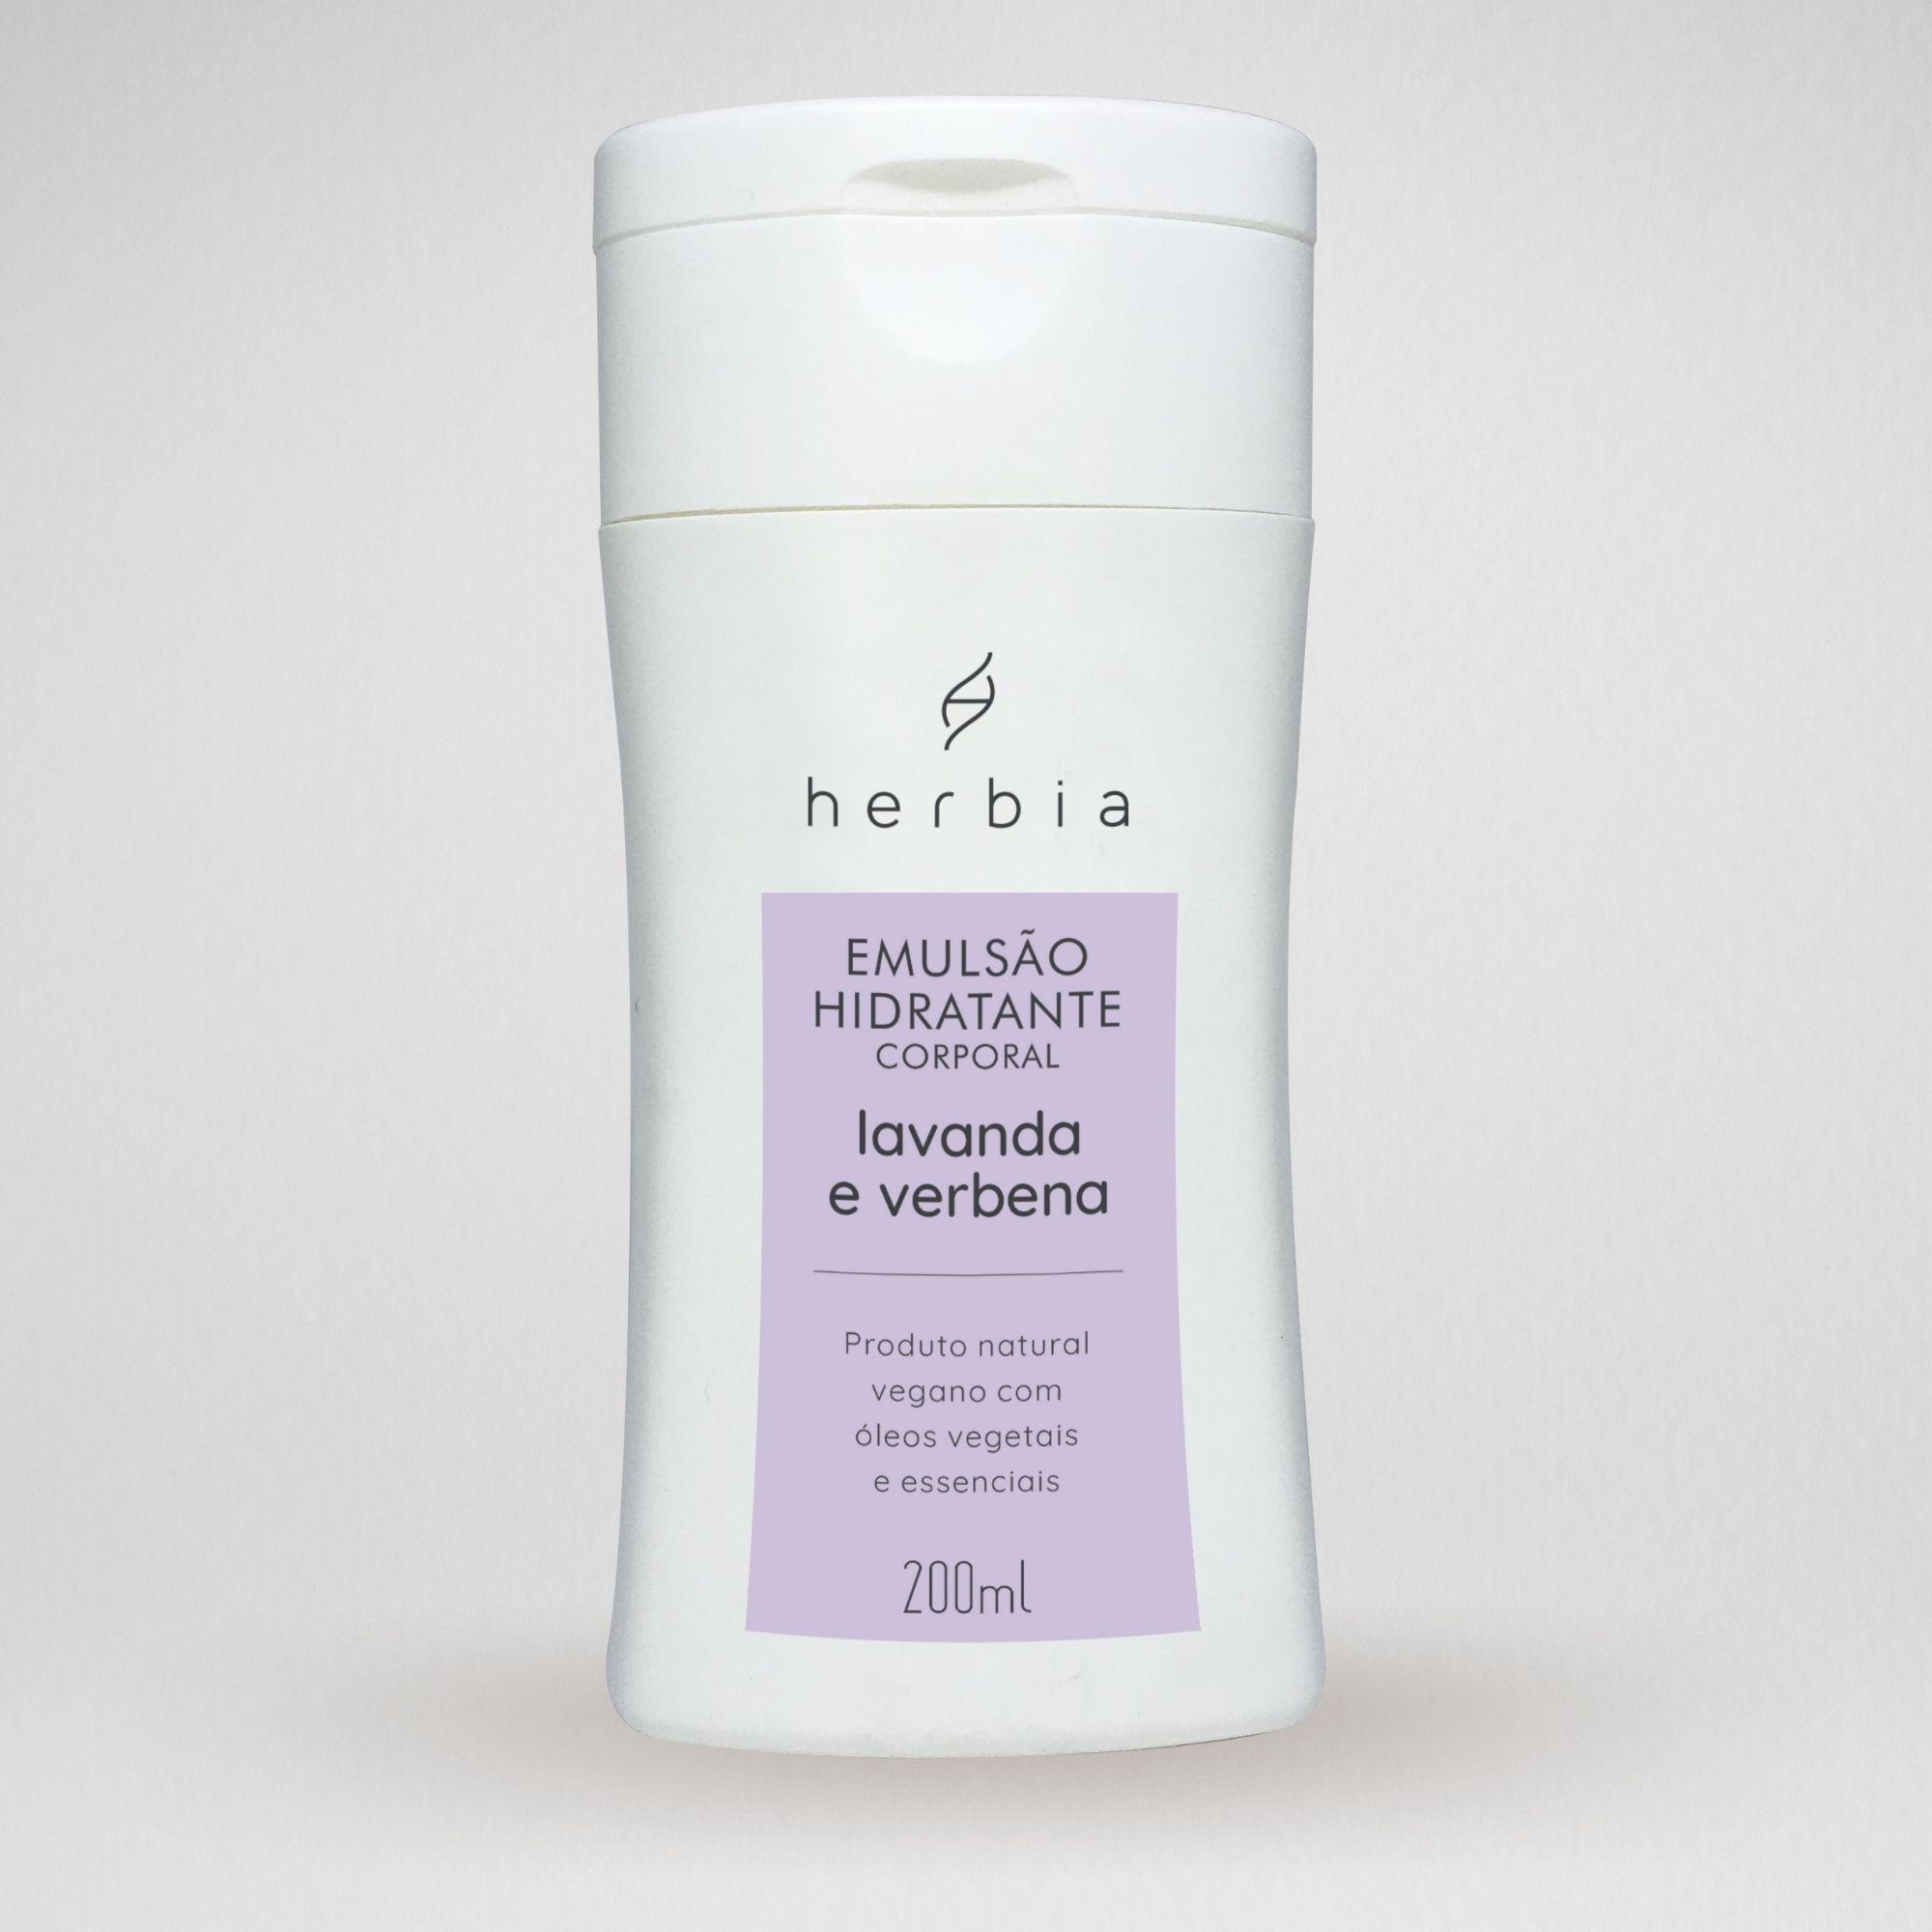 Emulsão Hidratante Lavanda & Verbena